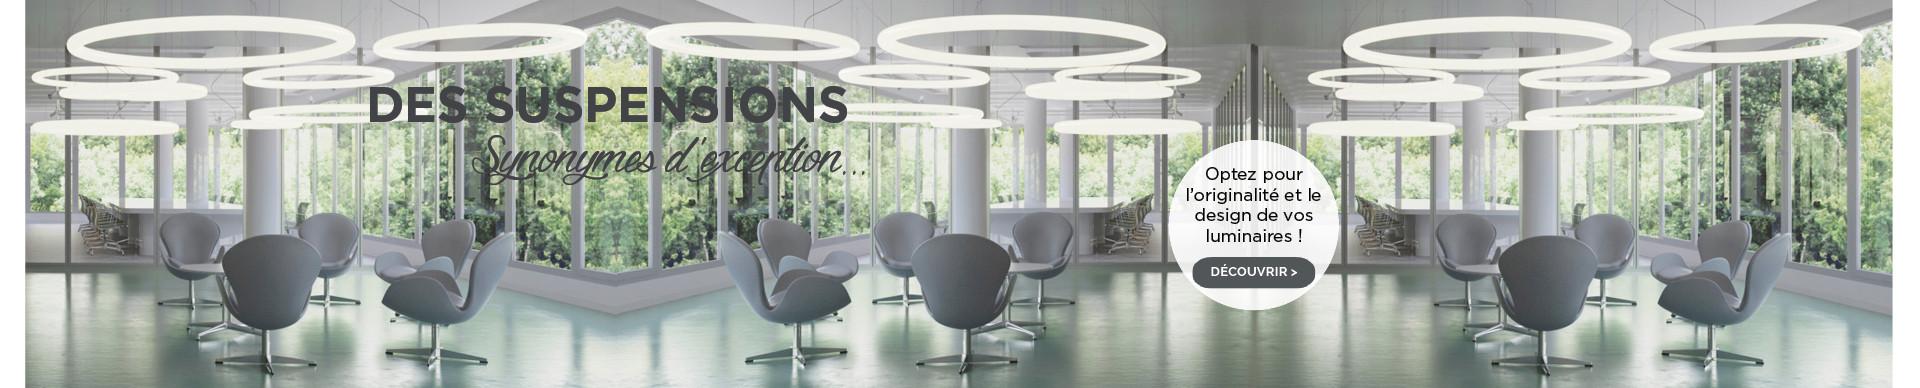 Optez pour l'originalité et le design de vos luminaires !